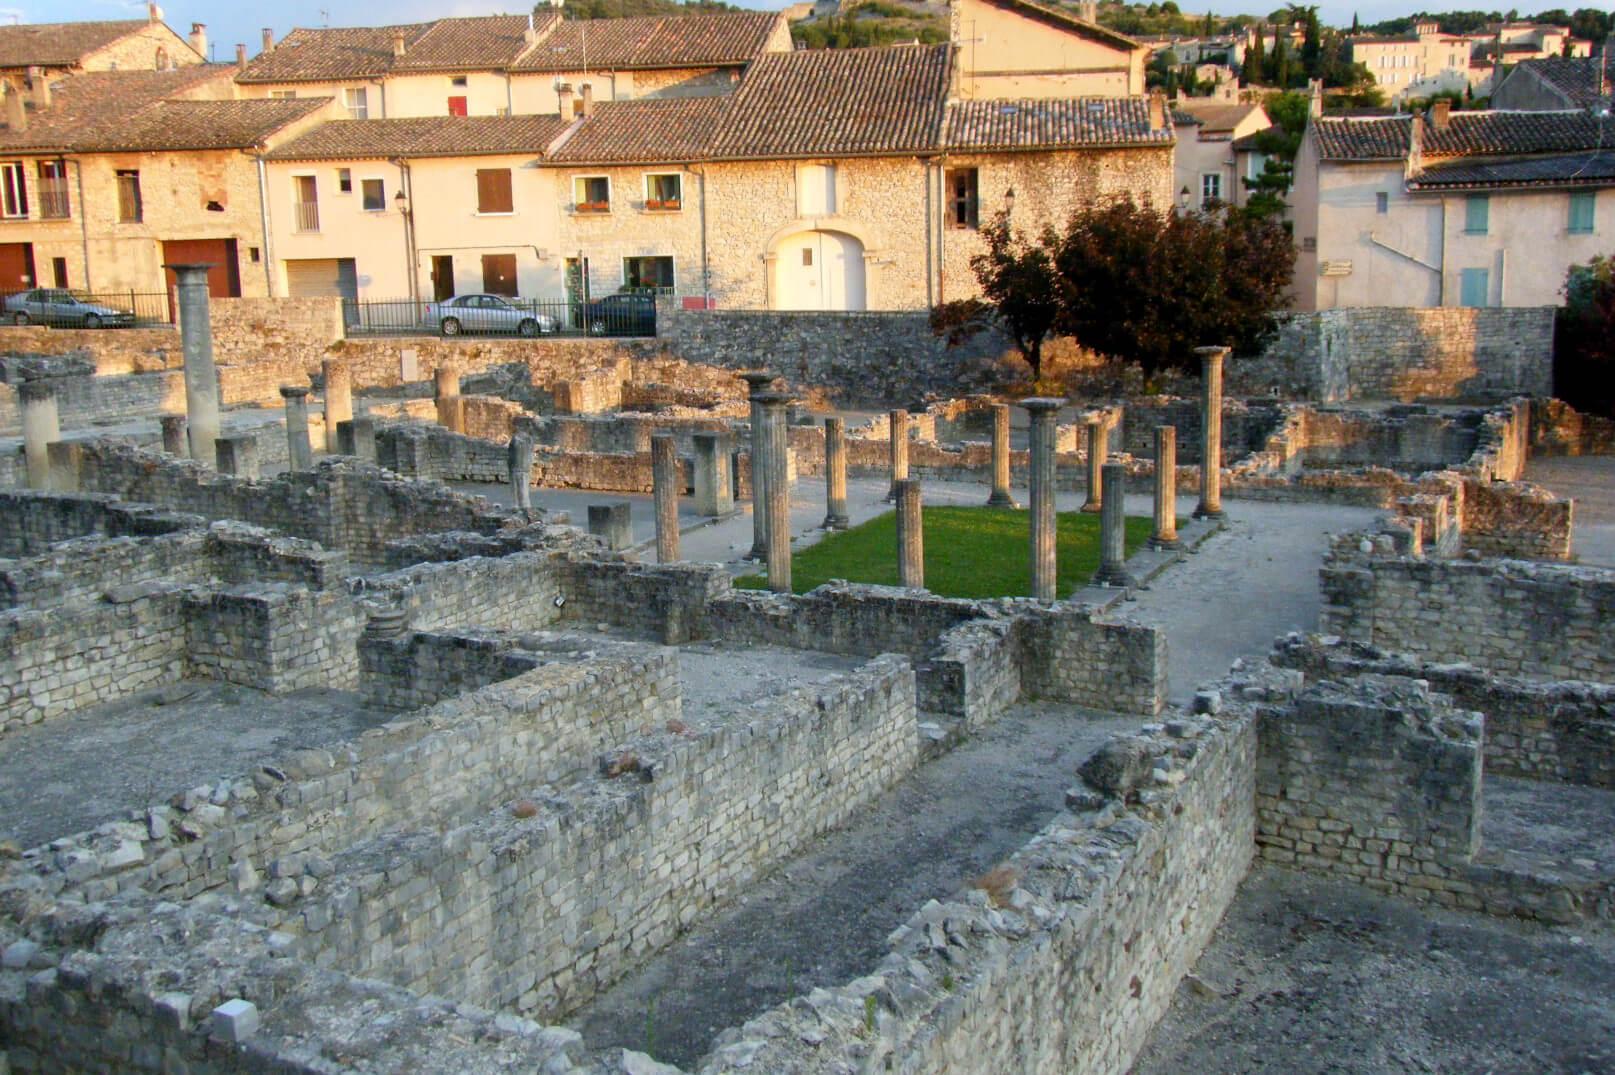 Pasear por el corazón de los enclaves arqueológicos de Vaison-la-Romaine